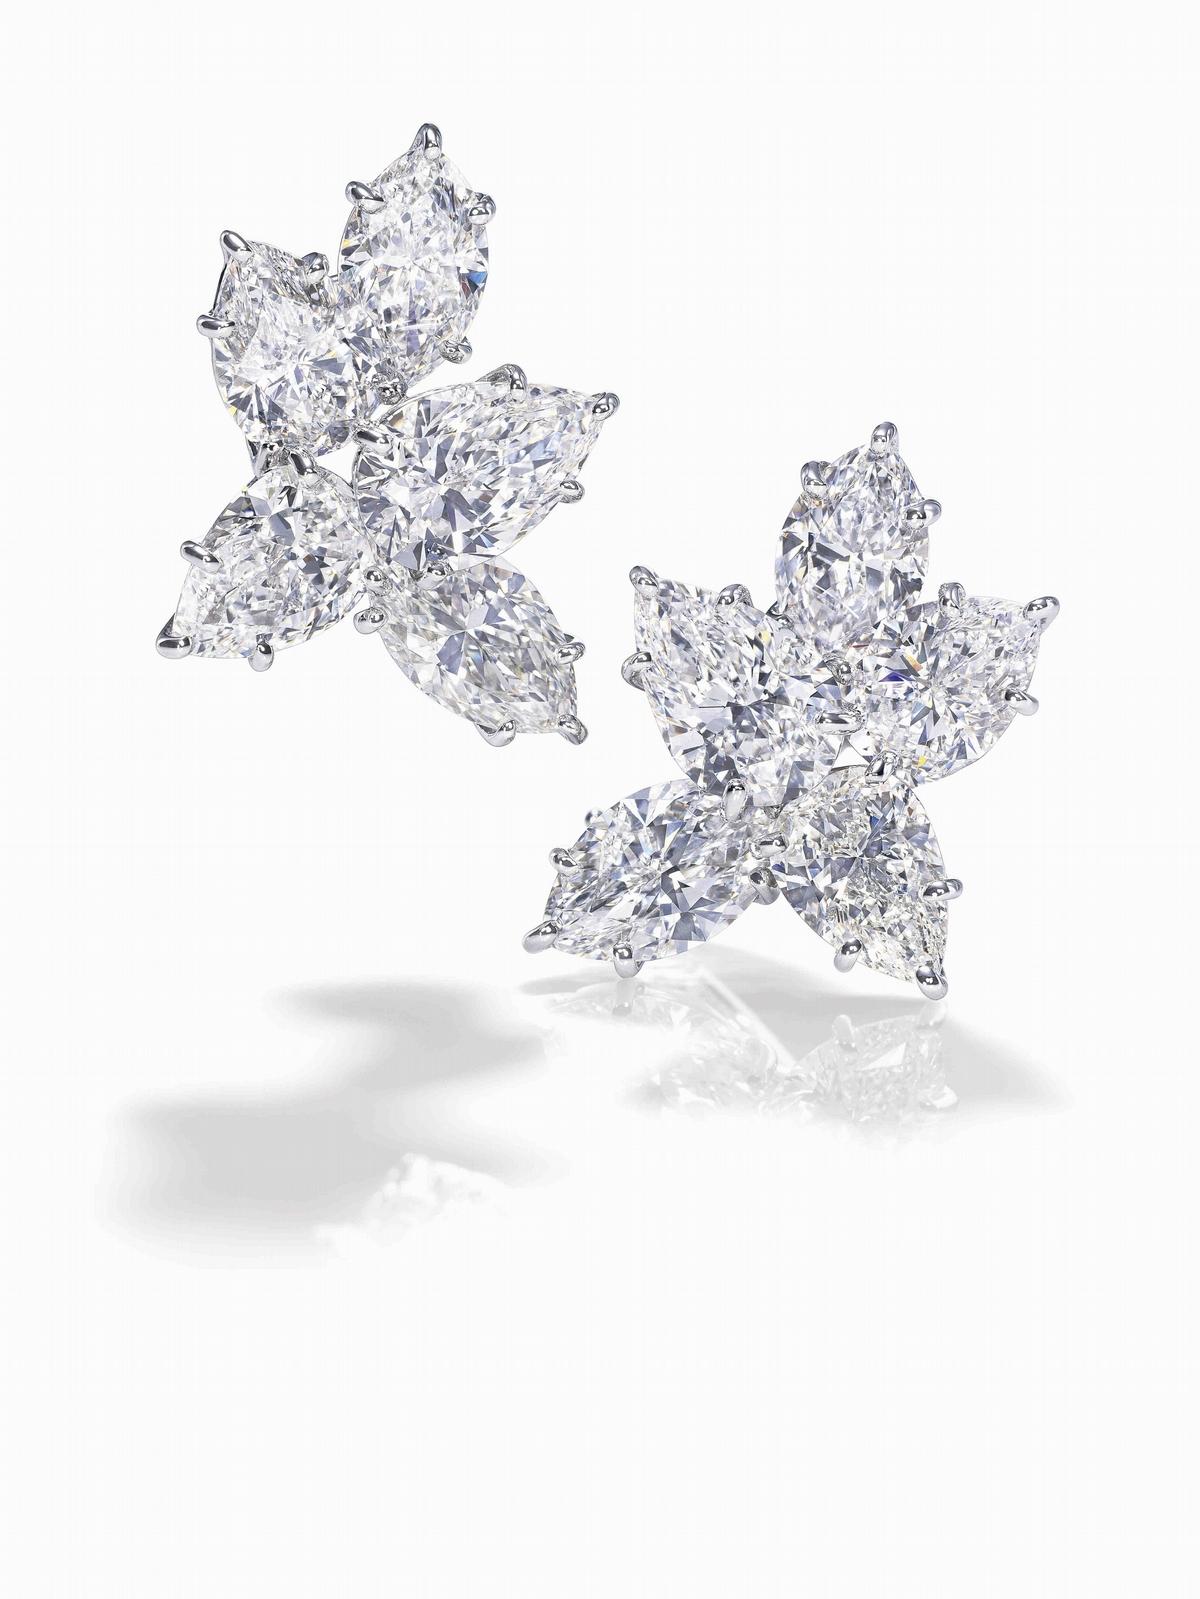 結霜冬青樹的祕密——海瑞溫斯頓「錦簇鑲嵌」工藝